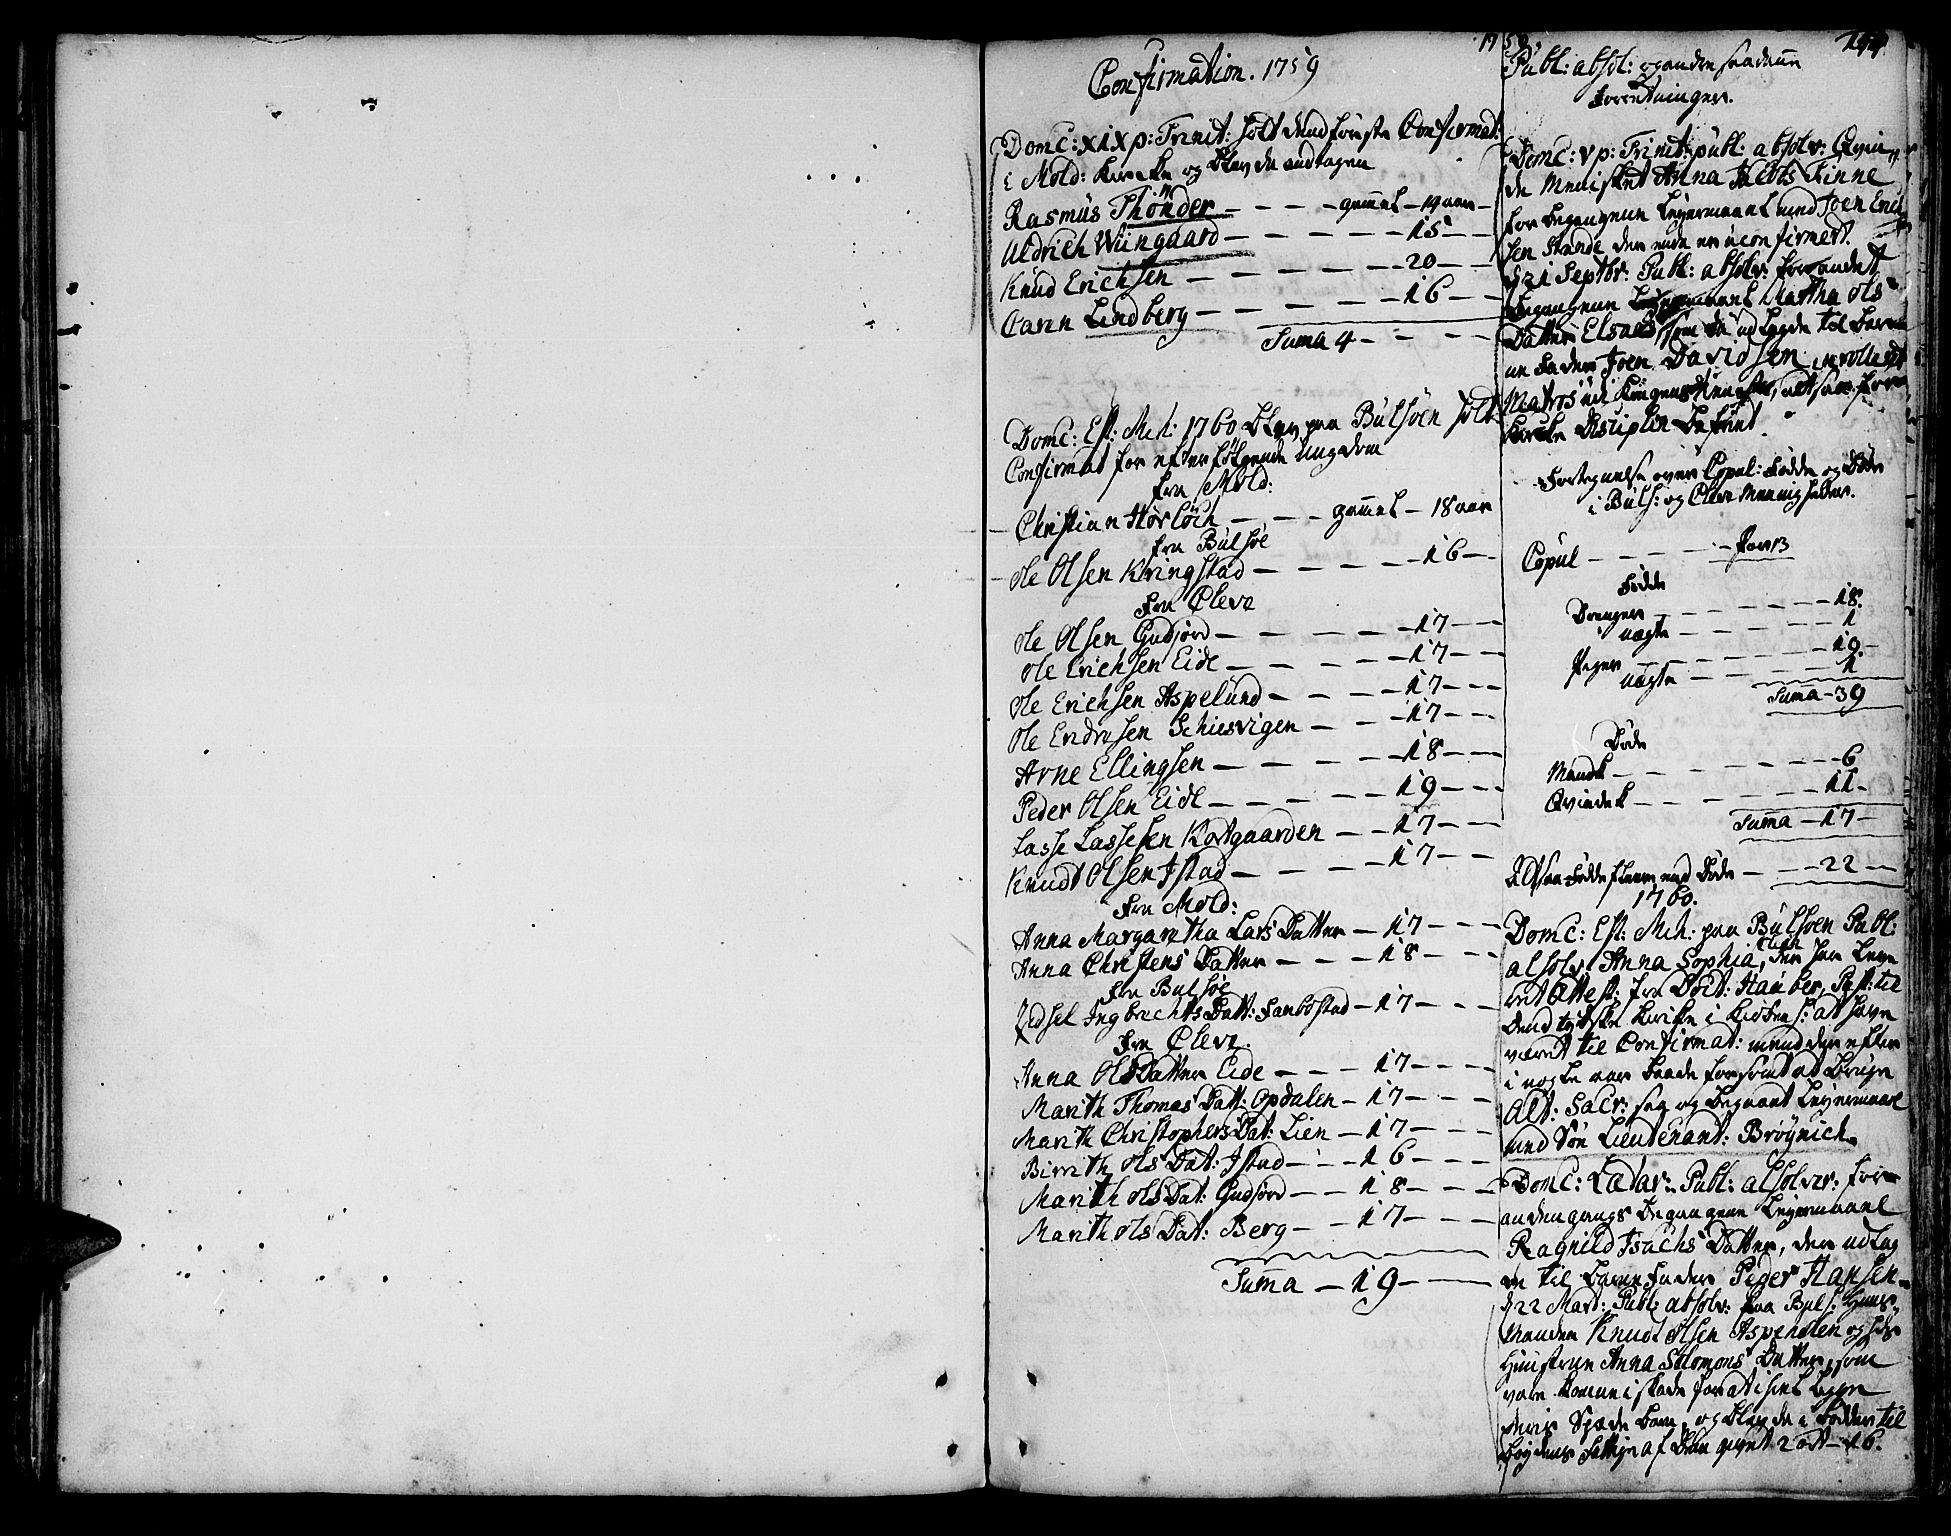 SAT, Ministerialprotokoller, klokkerbøker og fødselsregistre - Møre og Romsdal, 555/L0648: Ministerialbok nr. 555A01, 1759-1793, s. 144